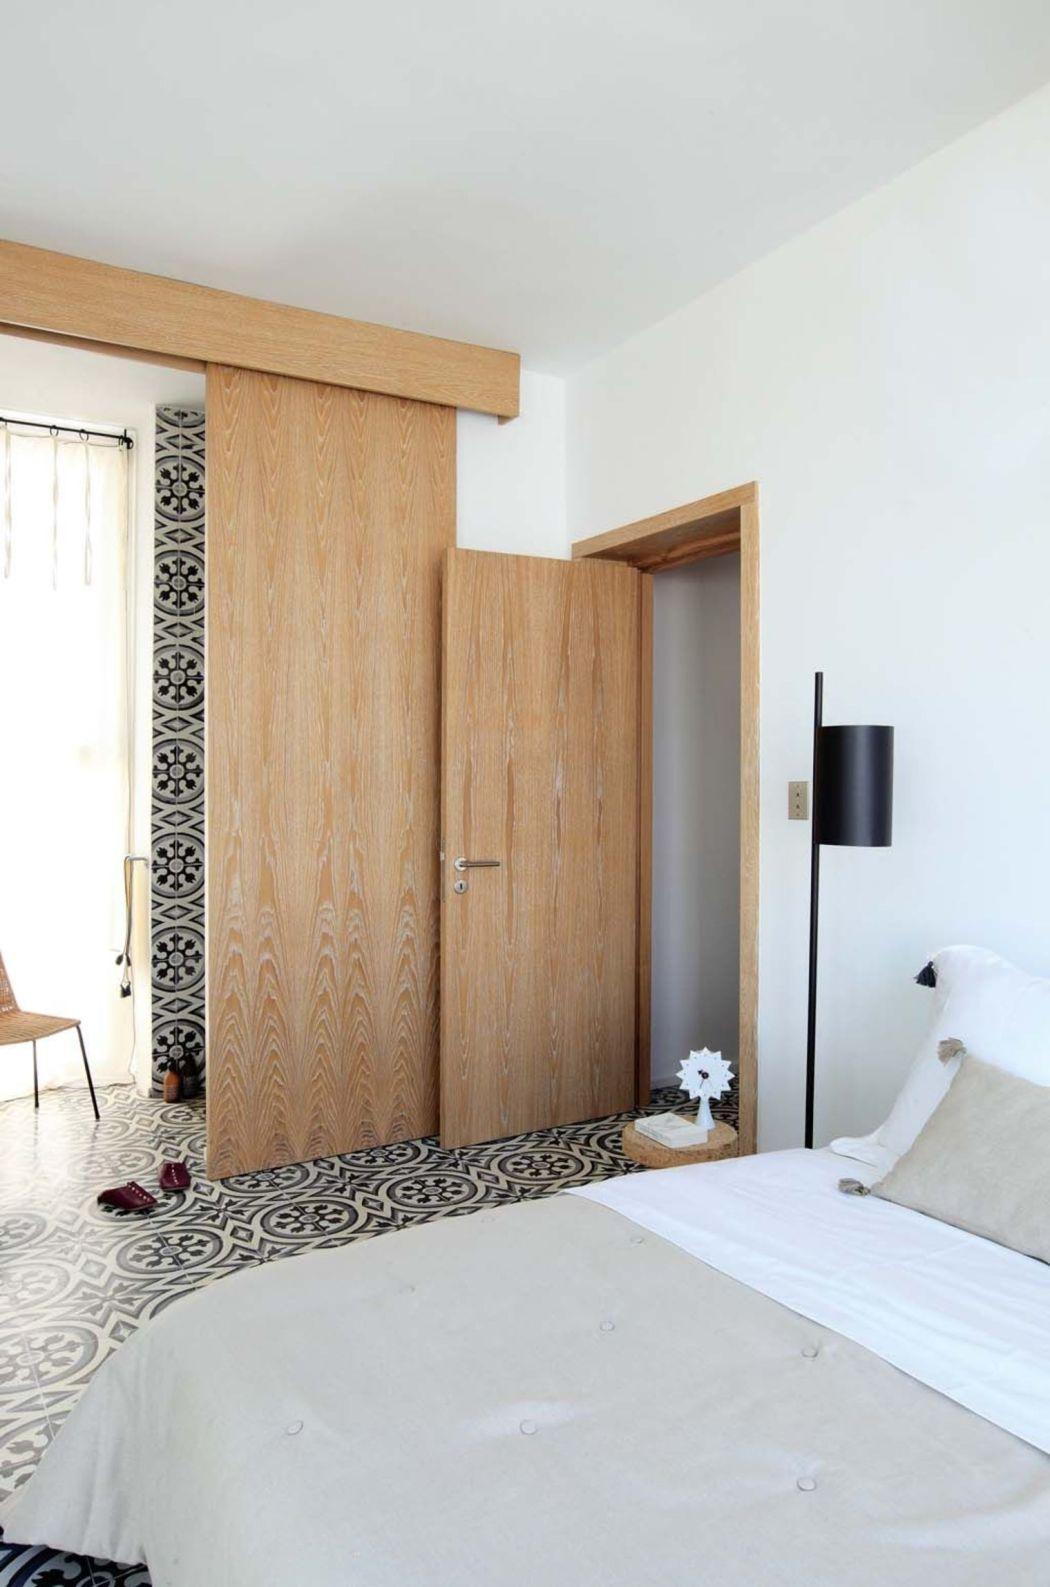 Visite déco | Rénovation : place aux carreaux de ciment dans la chambre | @decocrush - www.decocrush.fr